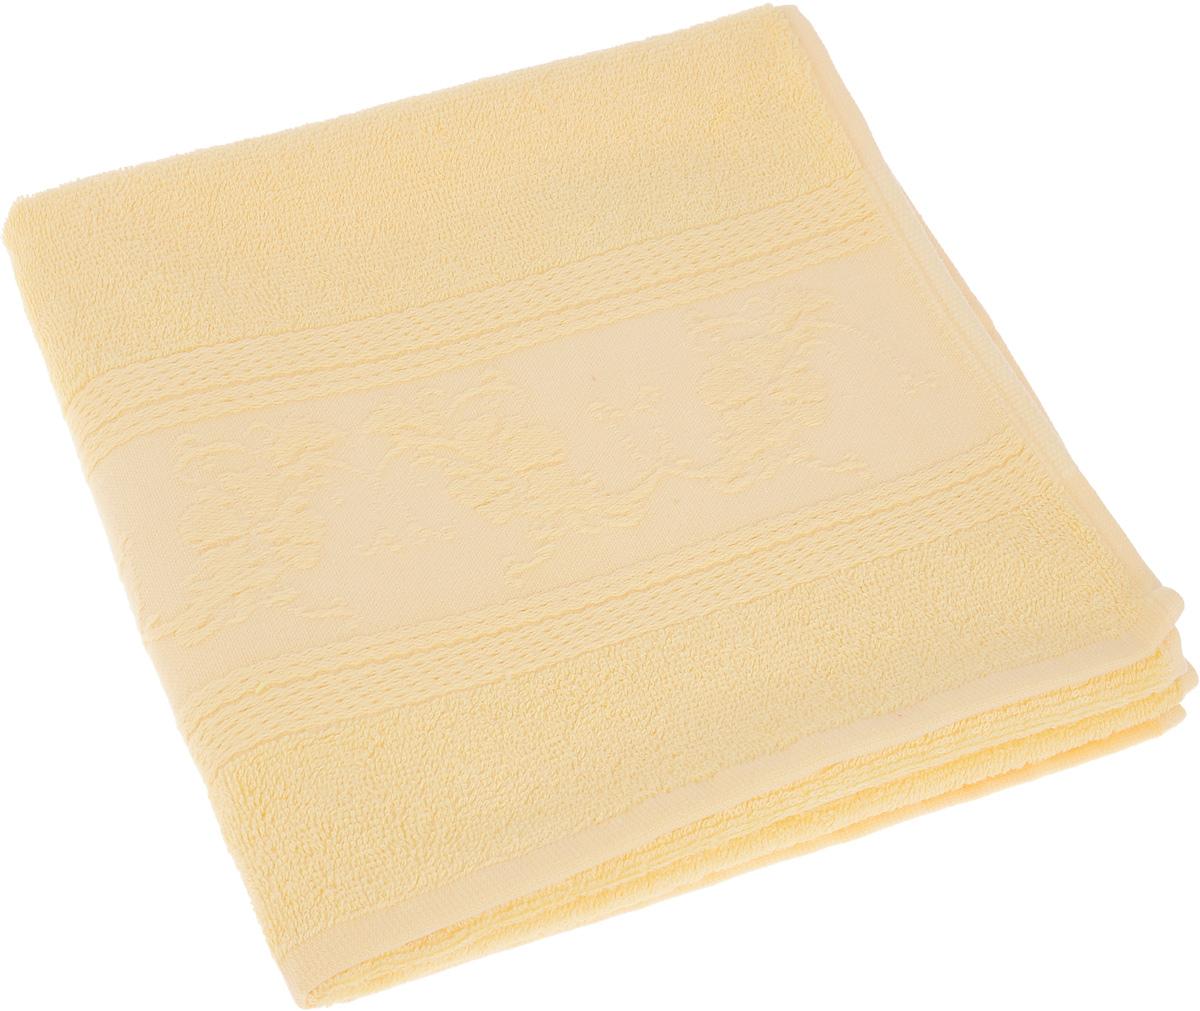 Полотенце Soavita Luxury. Цветы, цвет: желтый, 50 х 70 см68/5/1Полотенце Soavita Luxury. Цветы выполнено из 40% хлопка и 60% бамбука. Изделие отлично впитывает влагу, быстро сохнет, сохраняет яркость цвета и не теряет форму даже после многократных стирок. Полотенце очень практично и неприхотливо в уходе. Оно создаст прекрасное настроение и украсит интерьер в ванной комнате.